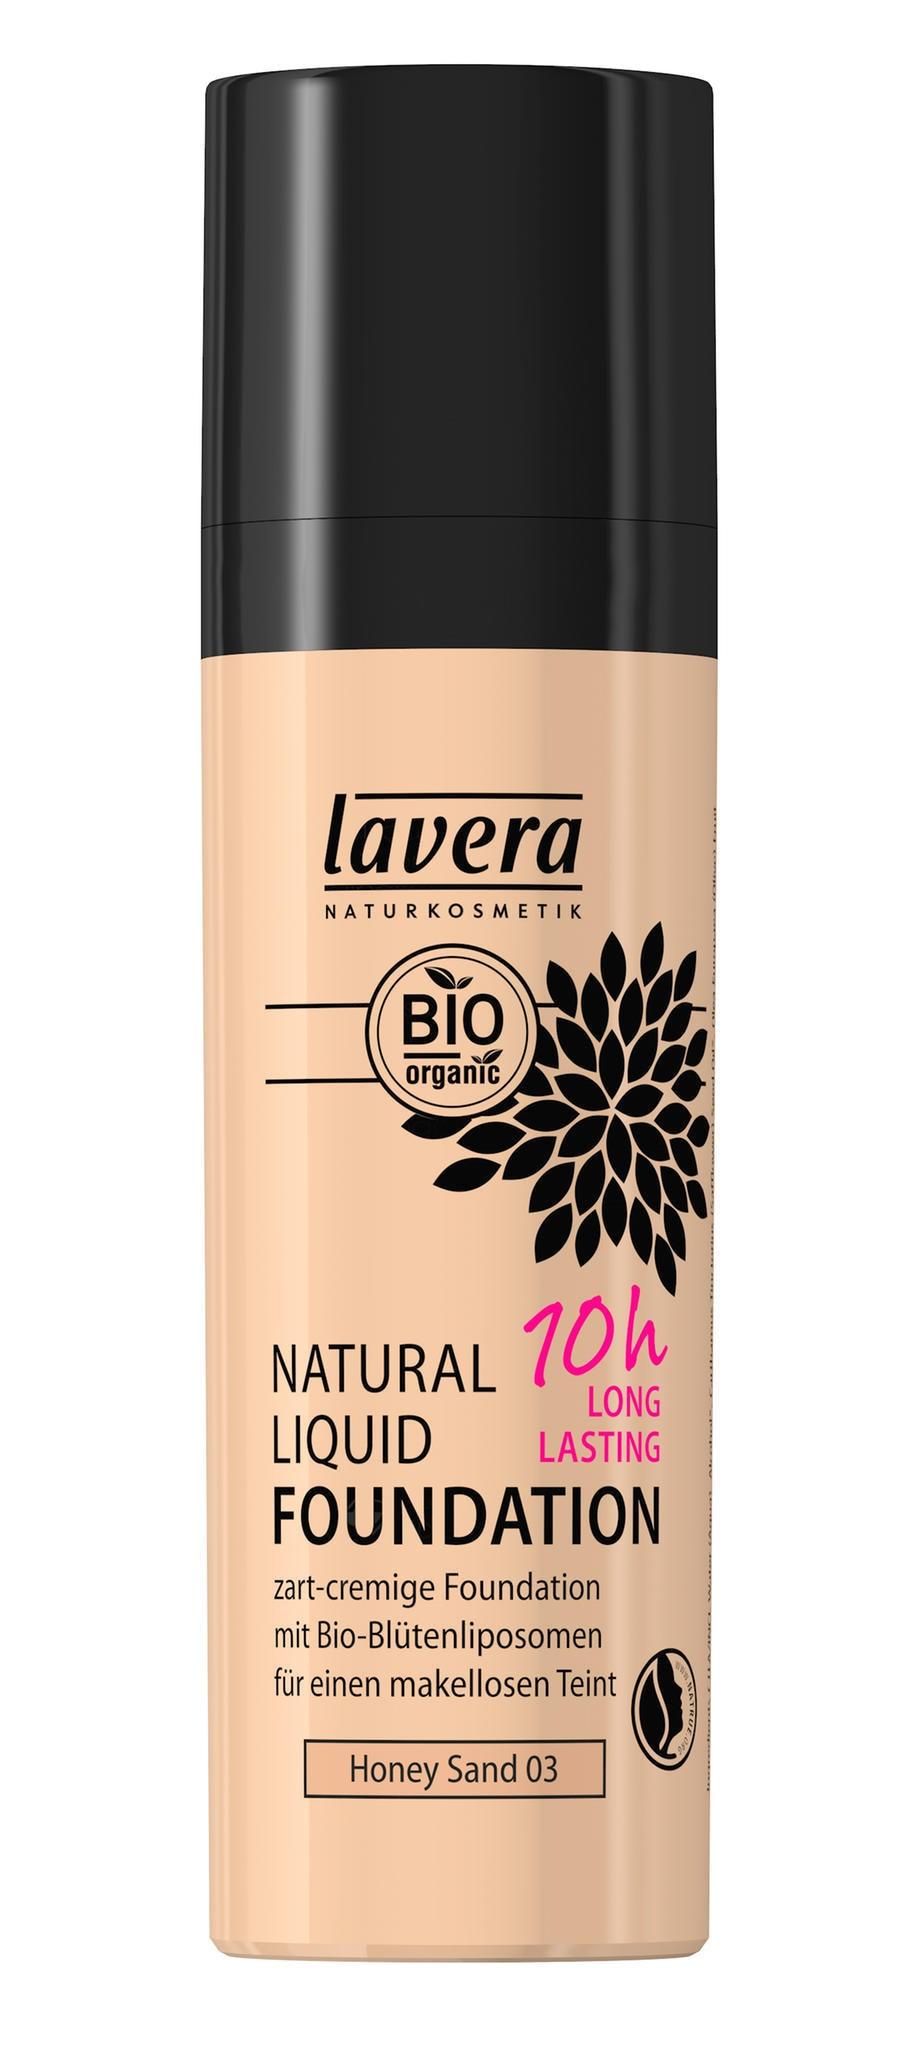 Zart-cremige Foundation mit mittlerer Deckkraft für einen frisch aussehenden Teint mit Bio-Arganöl und Bio-Blütenliposomen:lavera Natural Liquid Foundation